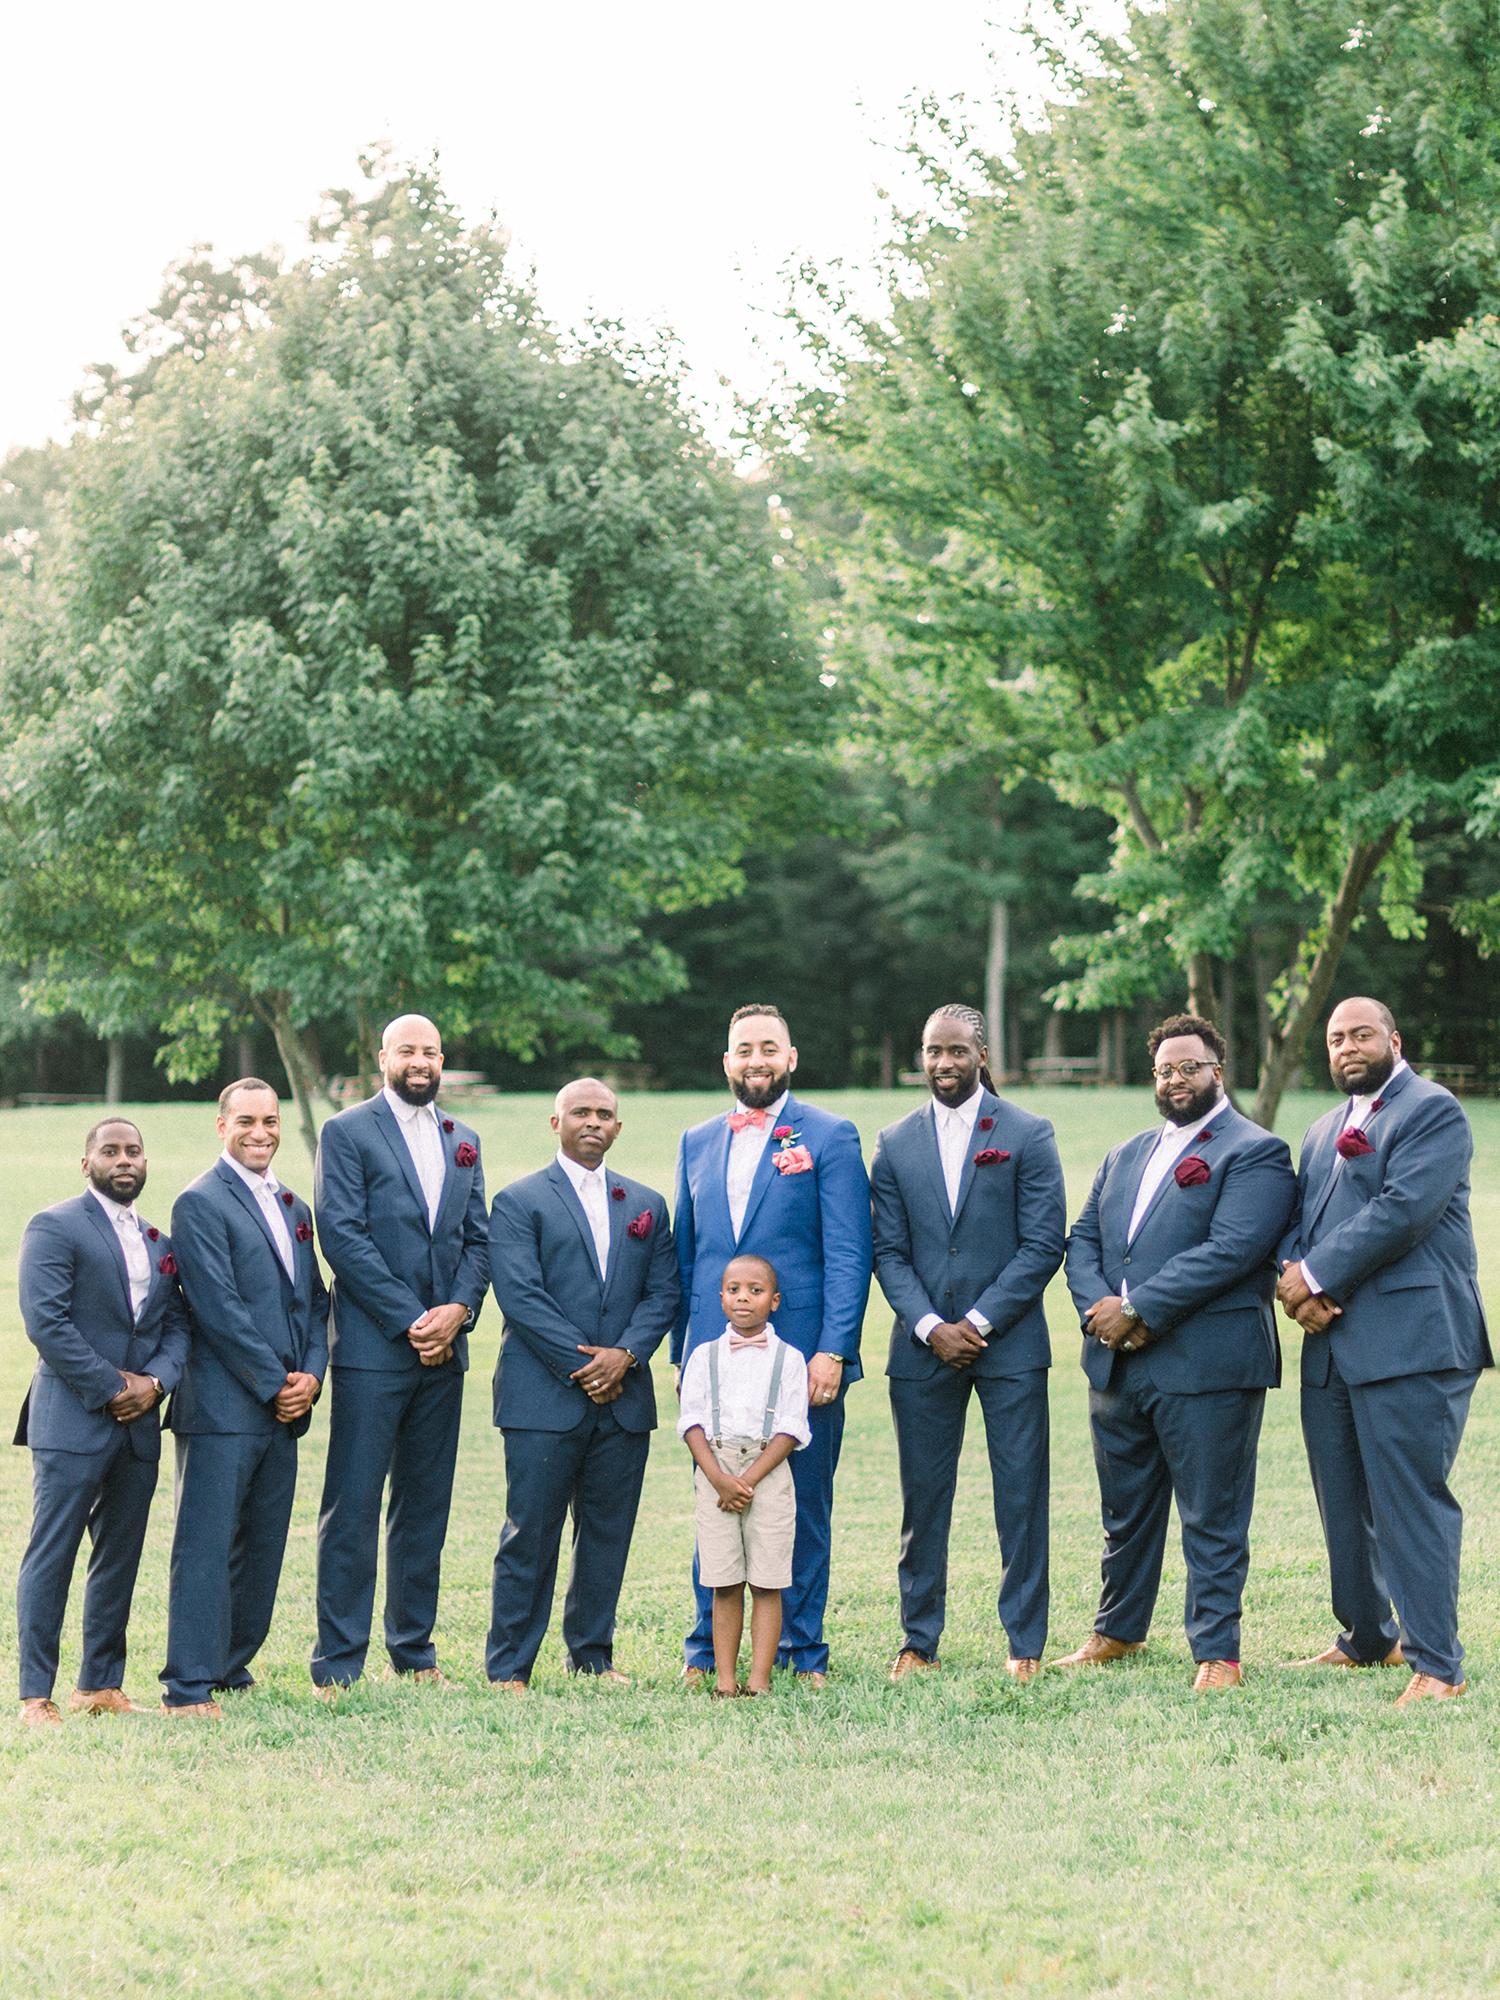 dawn rich wedding groomsmen with trees